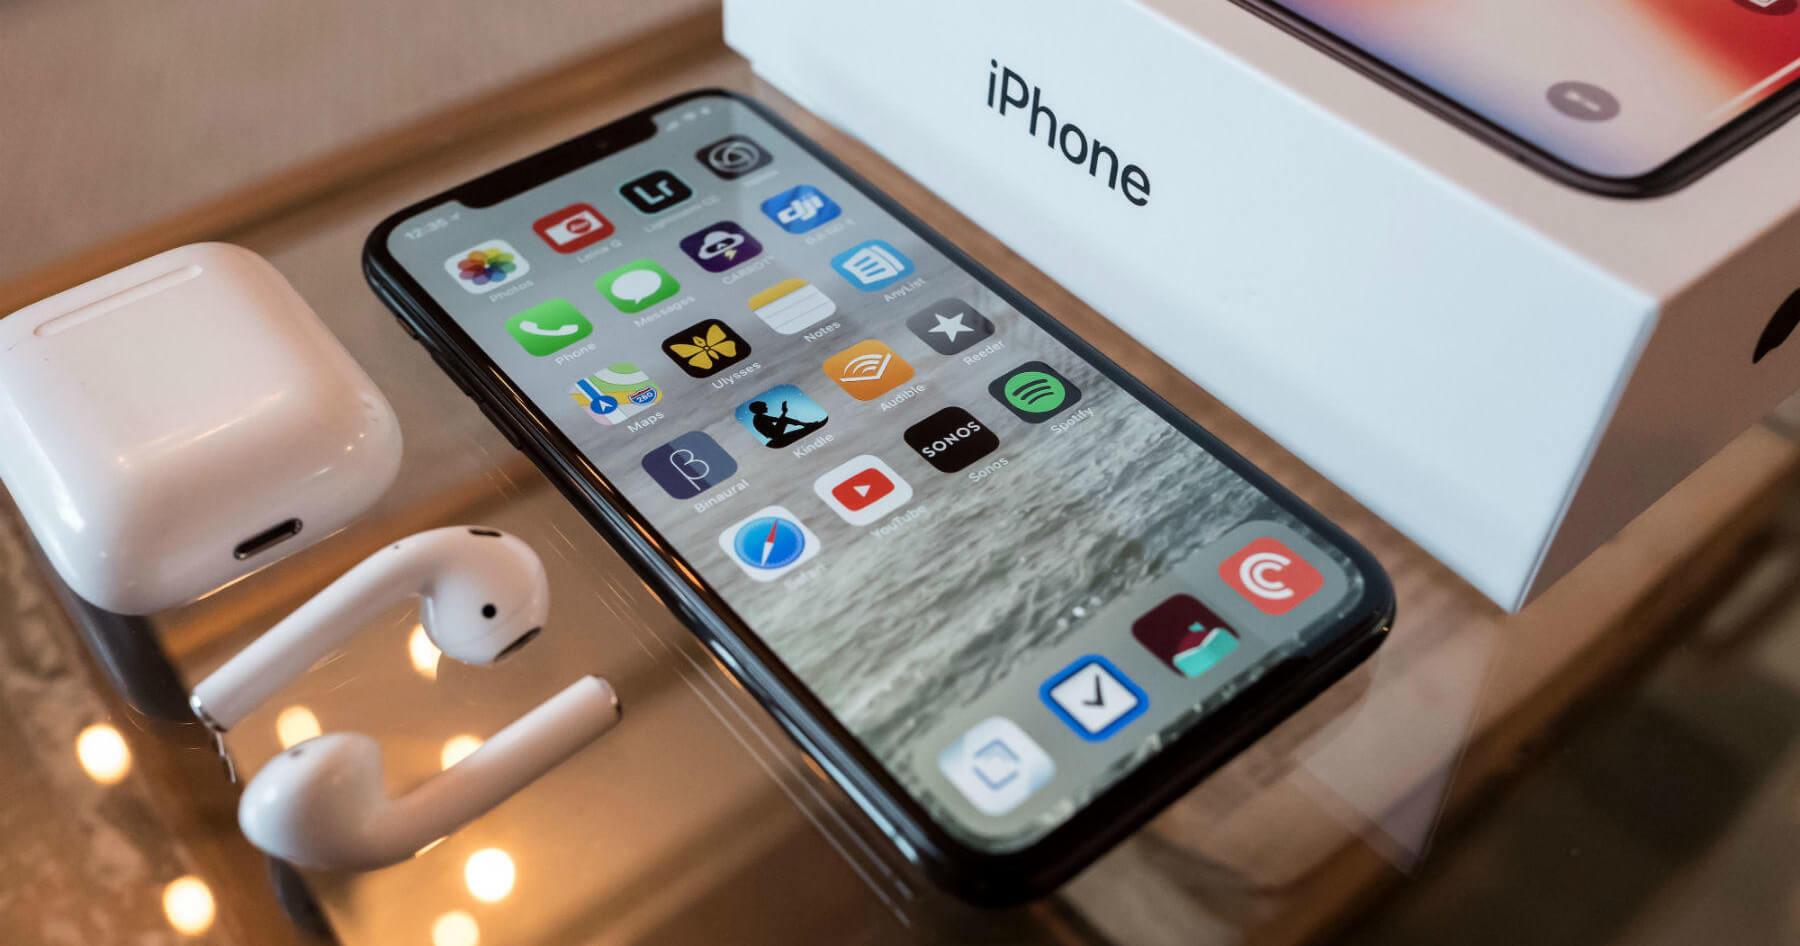 otkup telefona mobilnih novih samsung iphone